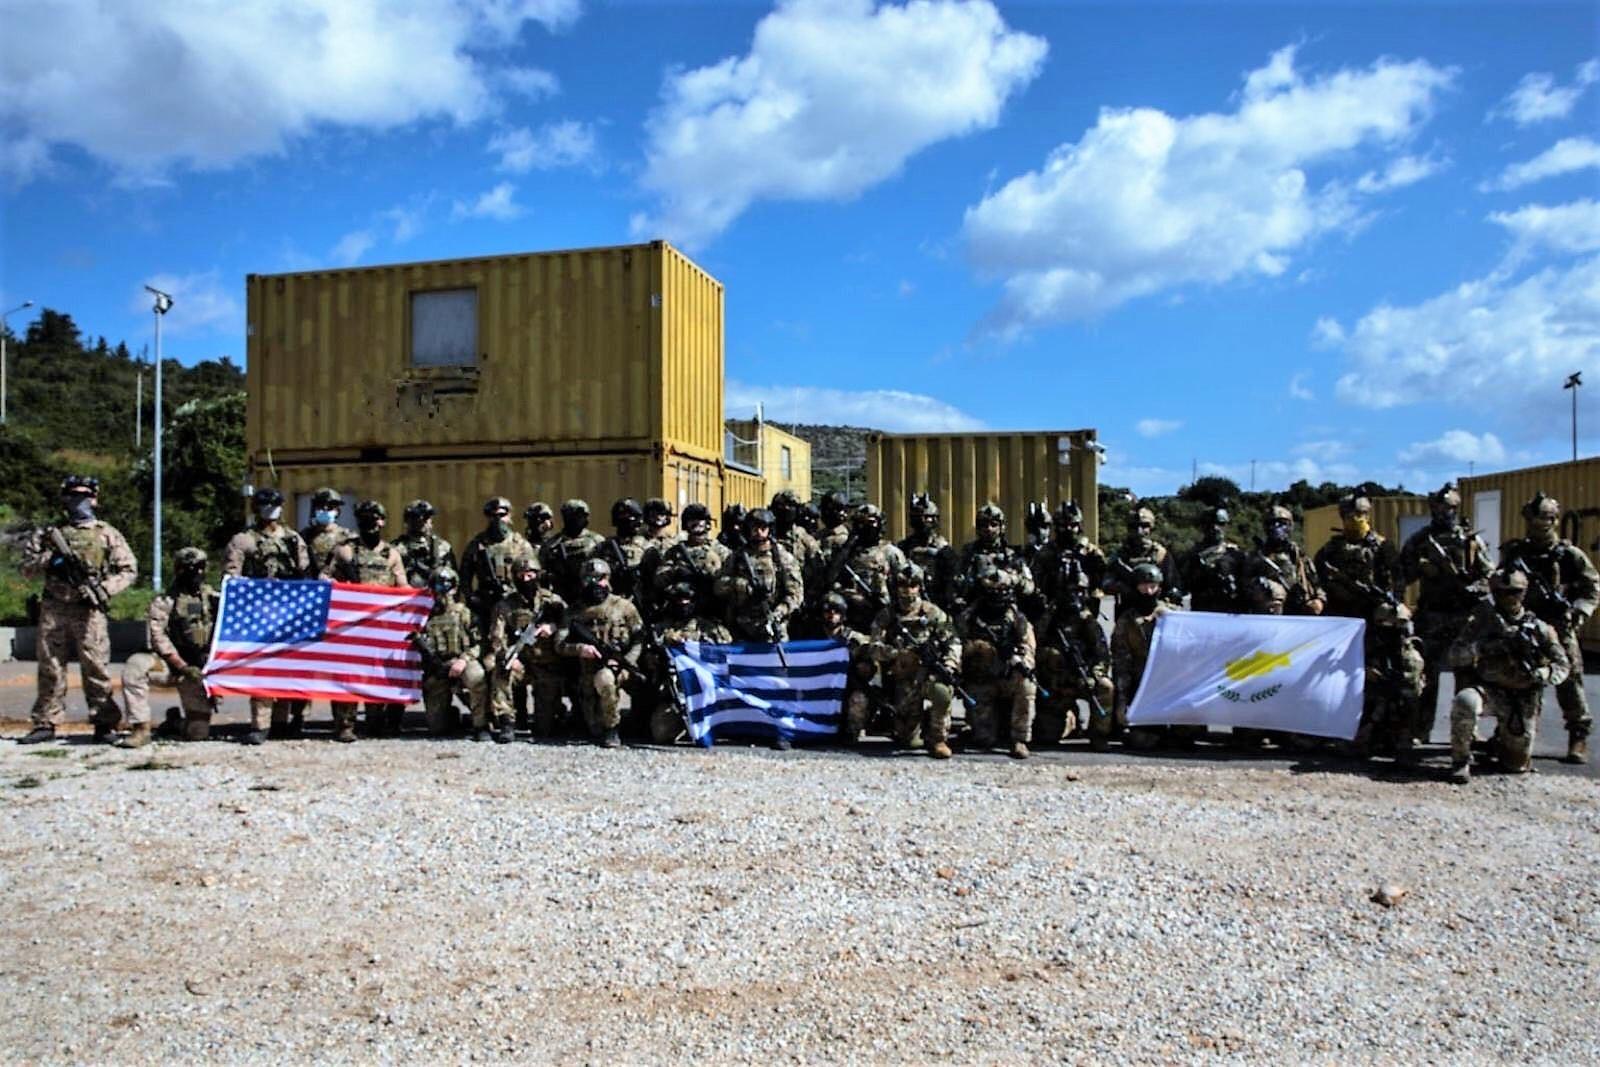 ΓΕΕΘΑ: Συνεκπαίδευση Ελλήνων κομάντο με δυνάμεις της Κύπρου και των ΗΠΑ